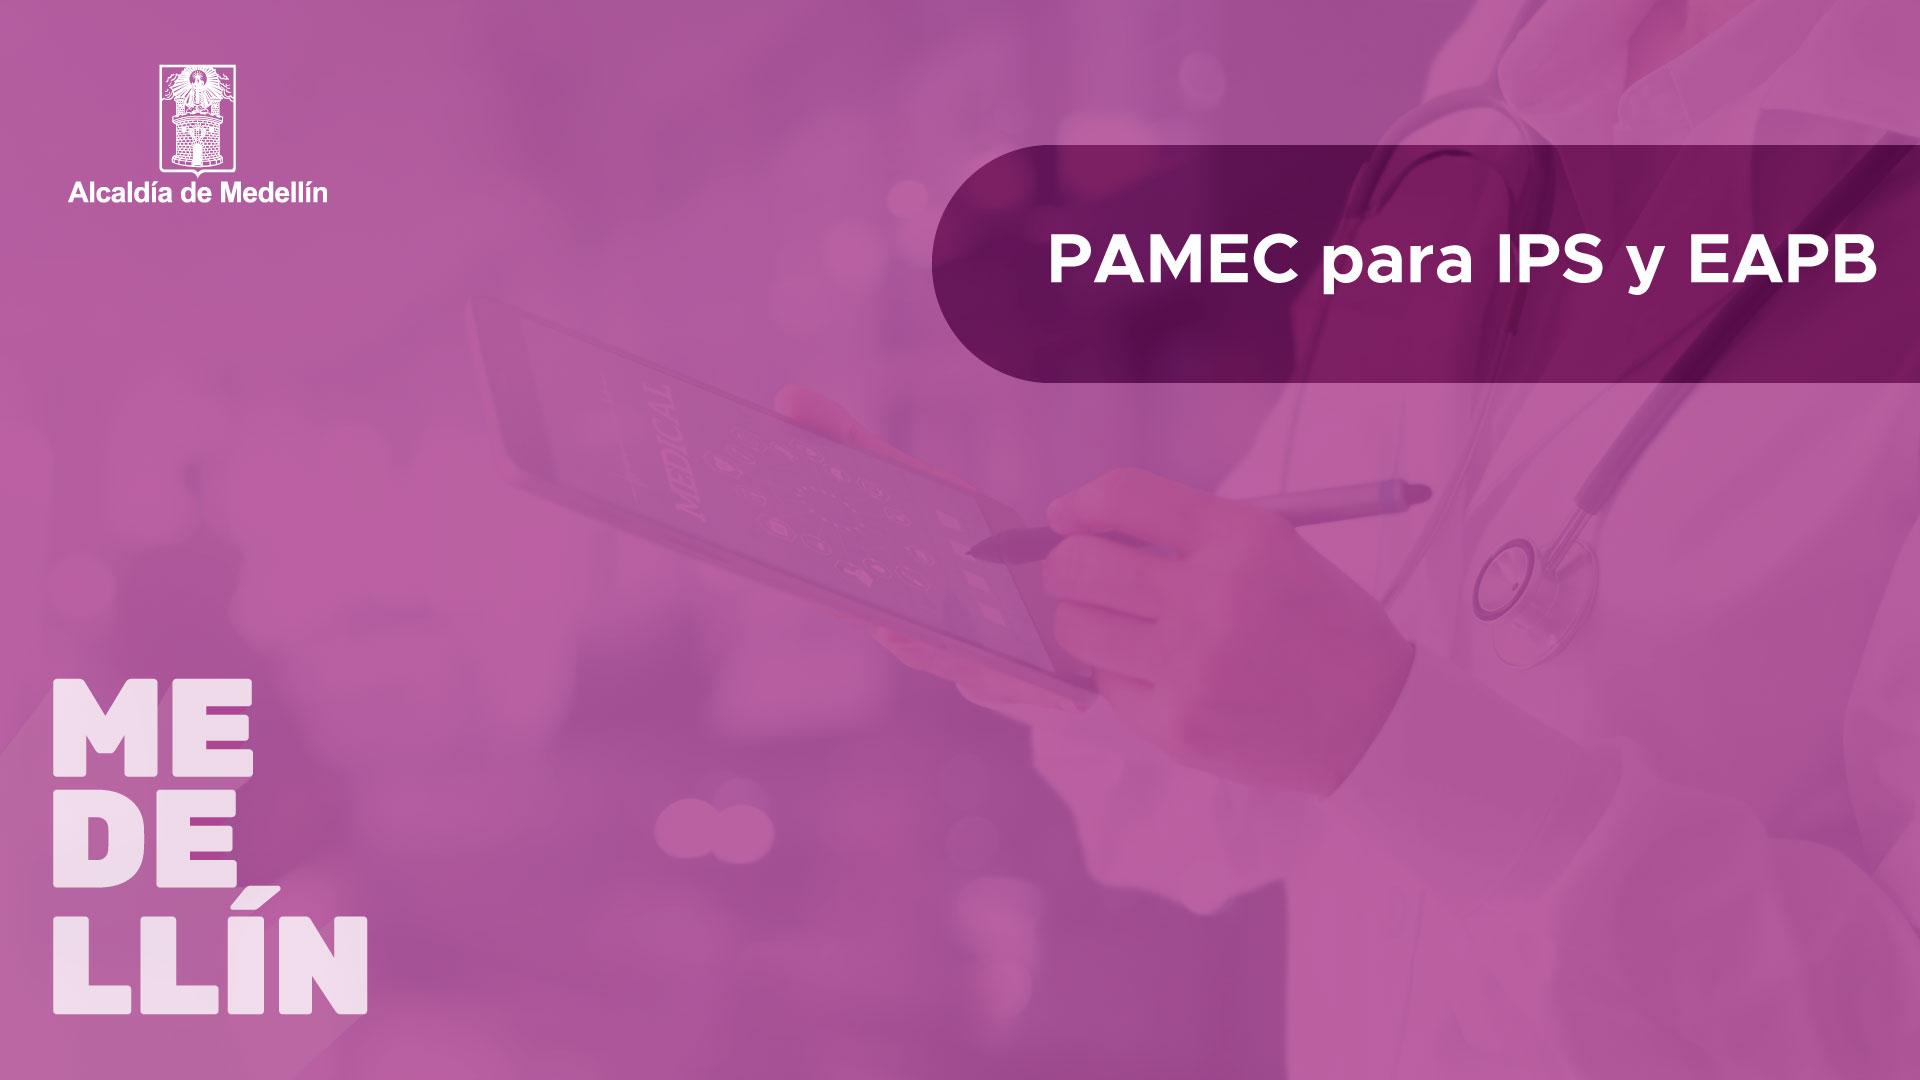 Course Image SEMINARIO: PAMEC PARA IPS Y EAPB